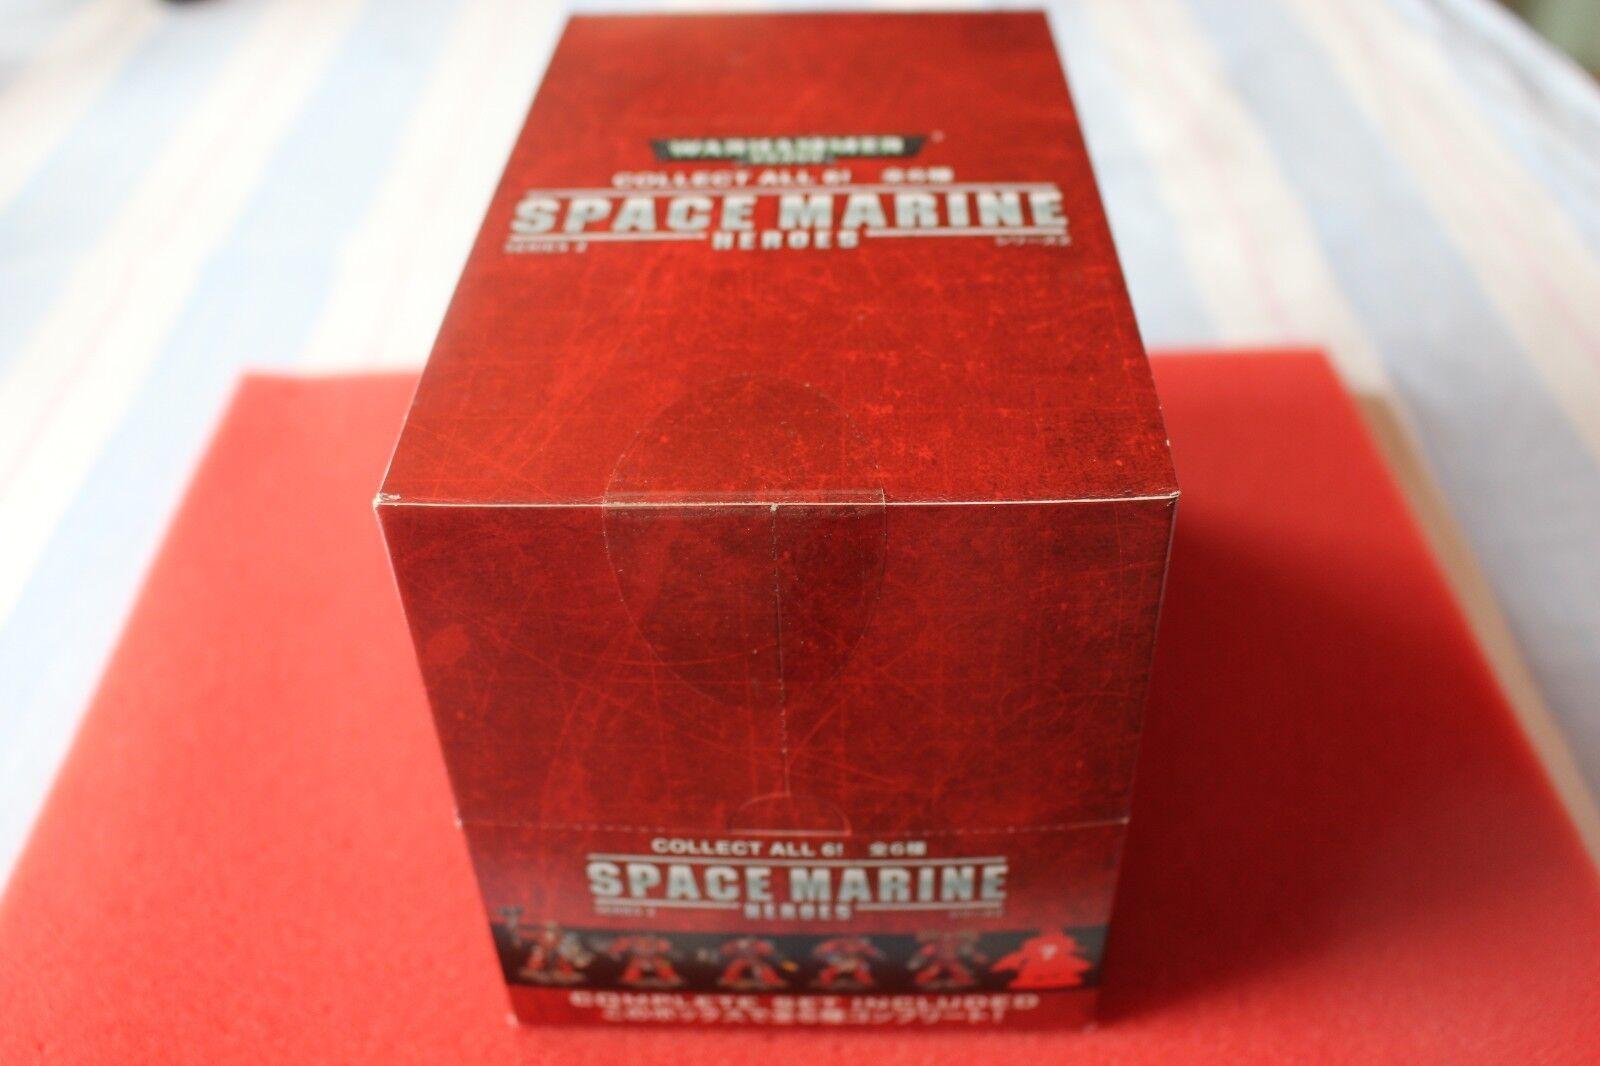 Space Marine Heroes Japon série exclusive 2  EntièreHommest neuf dans sa boîte Games Workshop NEUF marines Épuisé  service attentionné